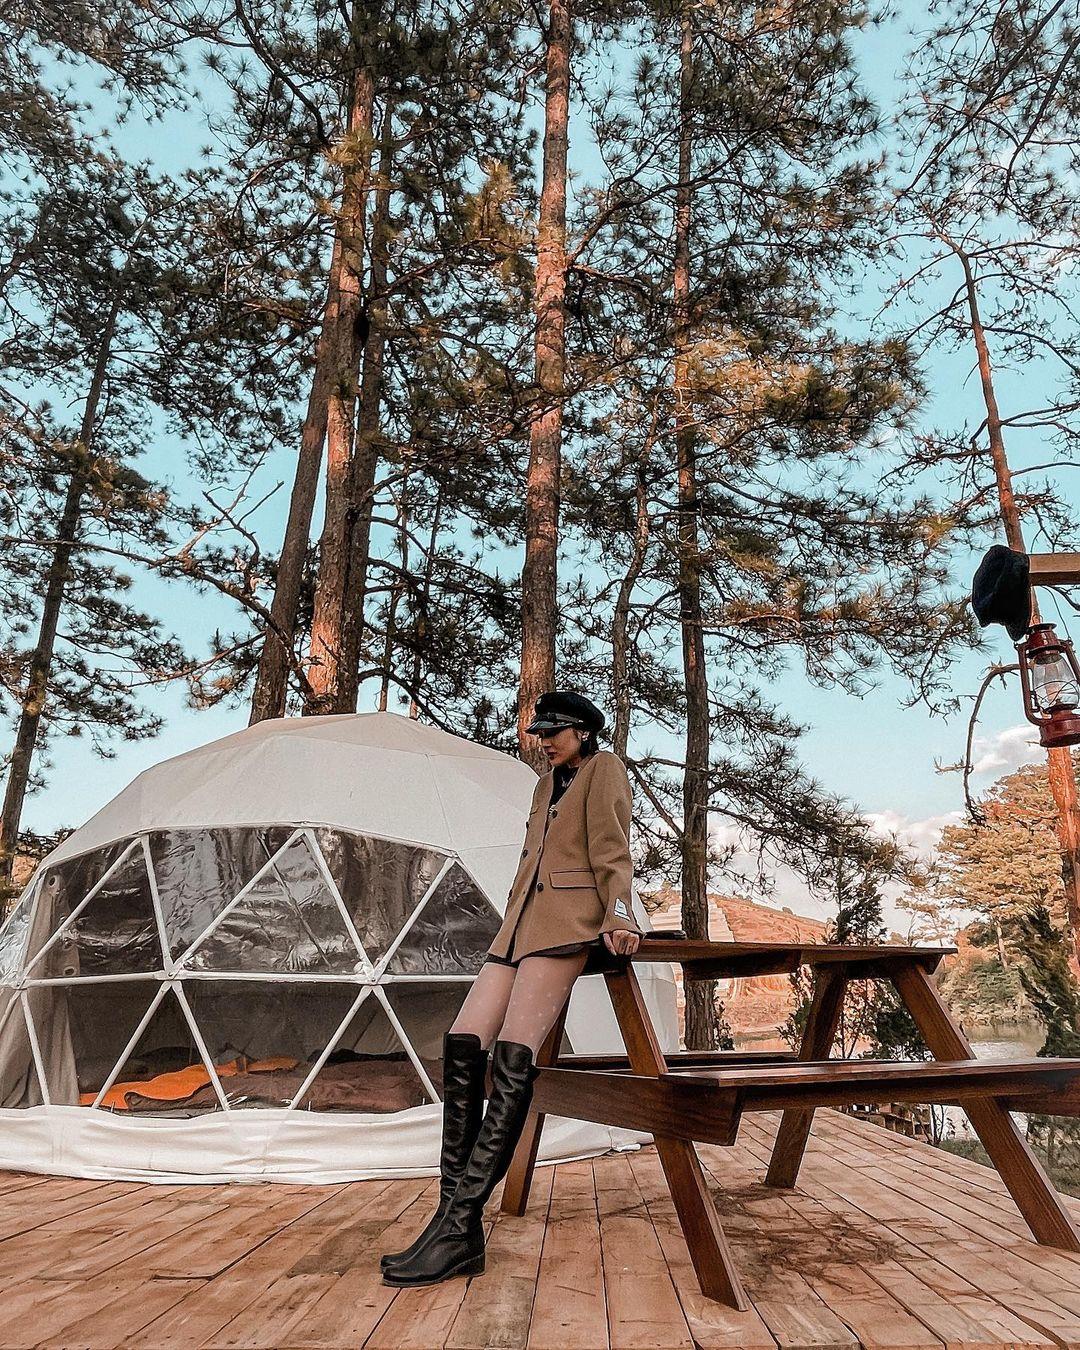 Hà Tăng, Tóc Tiên, Bảo Anh và loạt sao Việt vừa lăng xê cắm trại sang chảnh - trào lưu mới ở Đà Lạt đang khiến giới trẻ rần rần! - Ảnh 16.